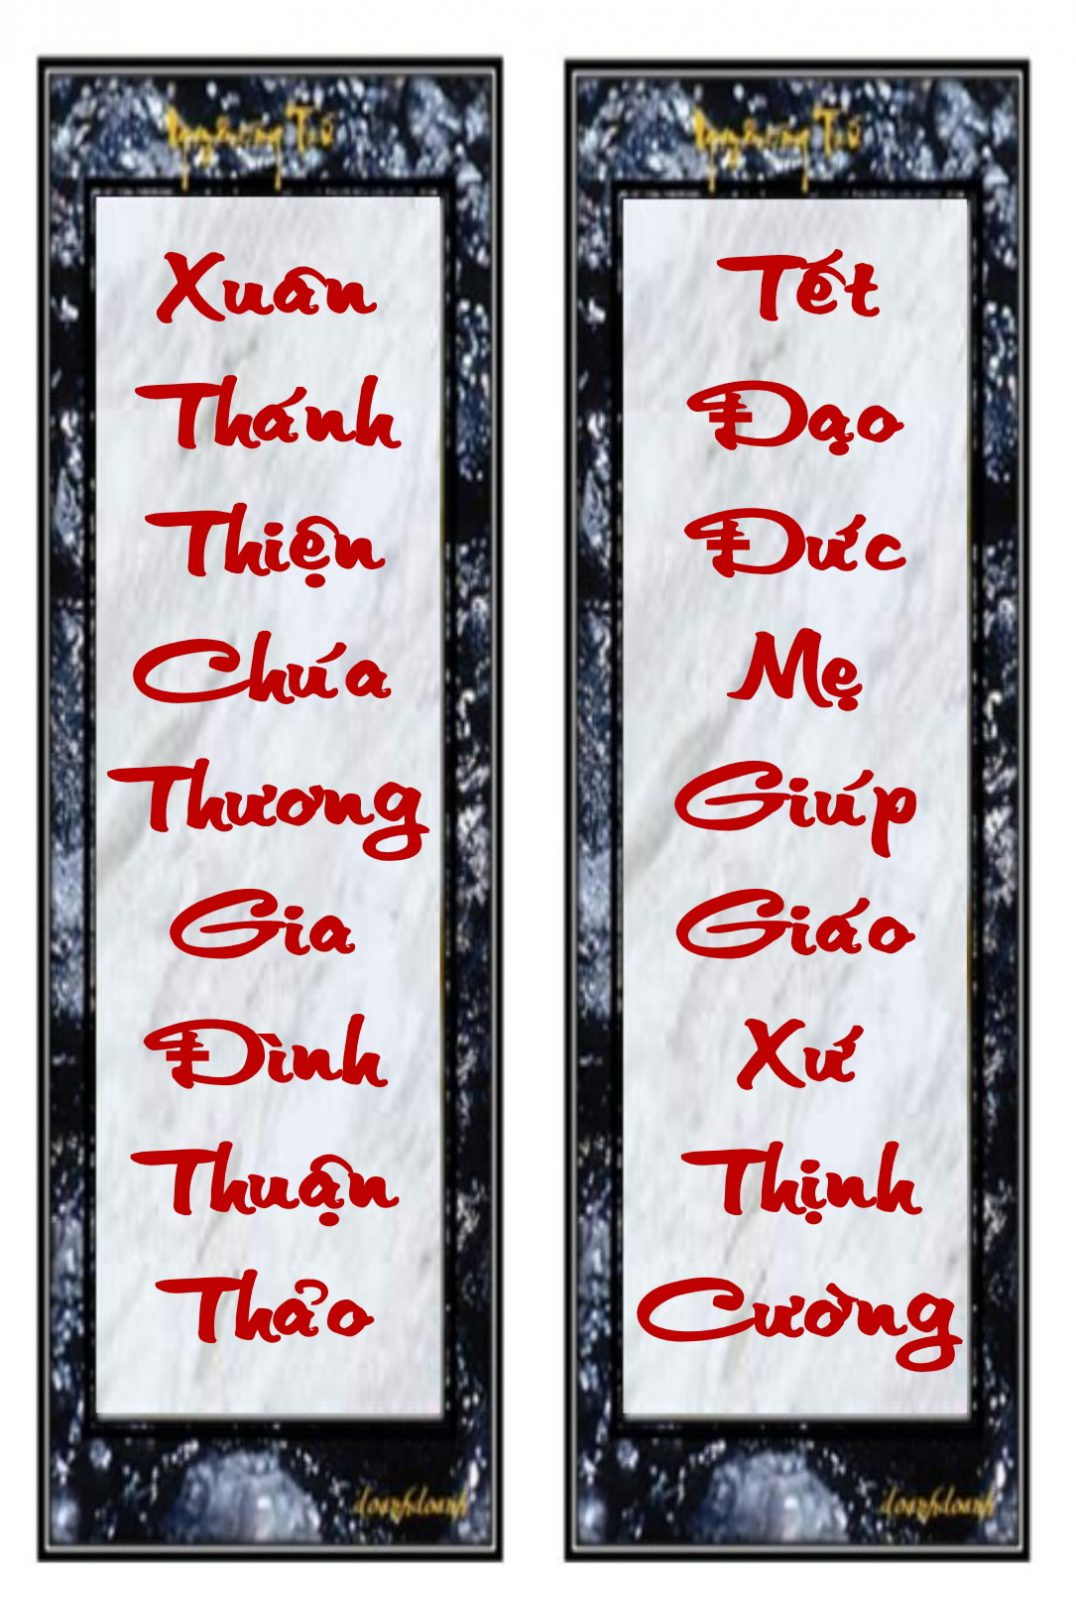 cau_doi_xuan_thanh_thien_008